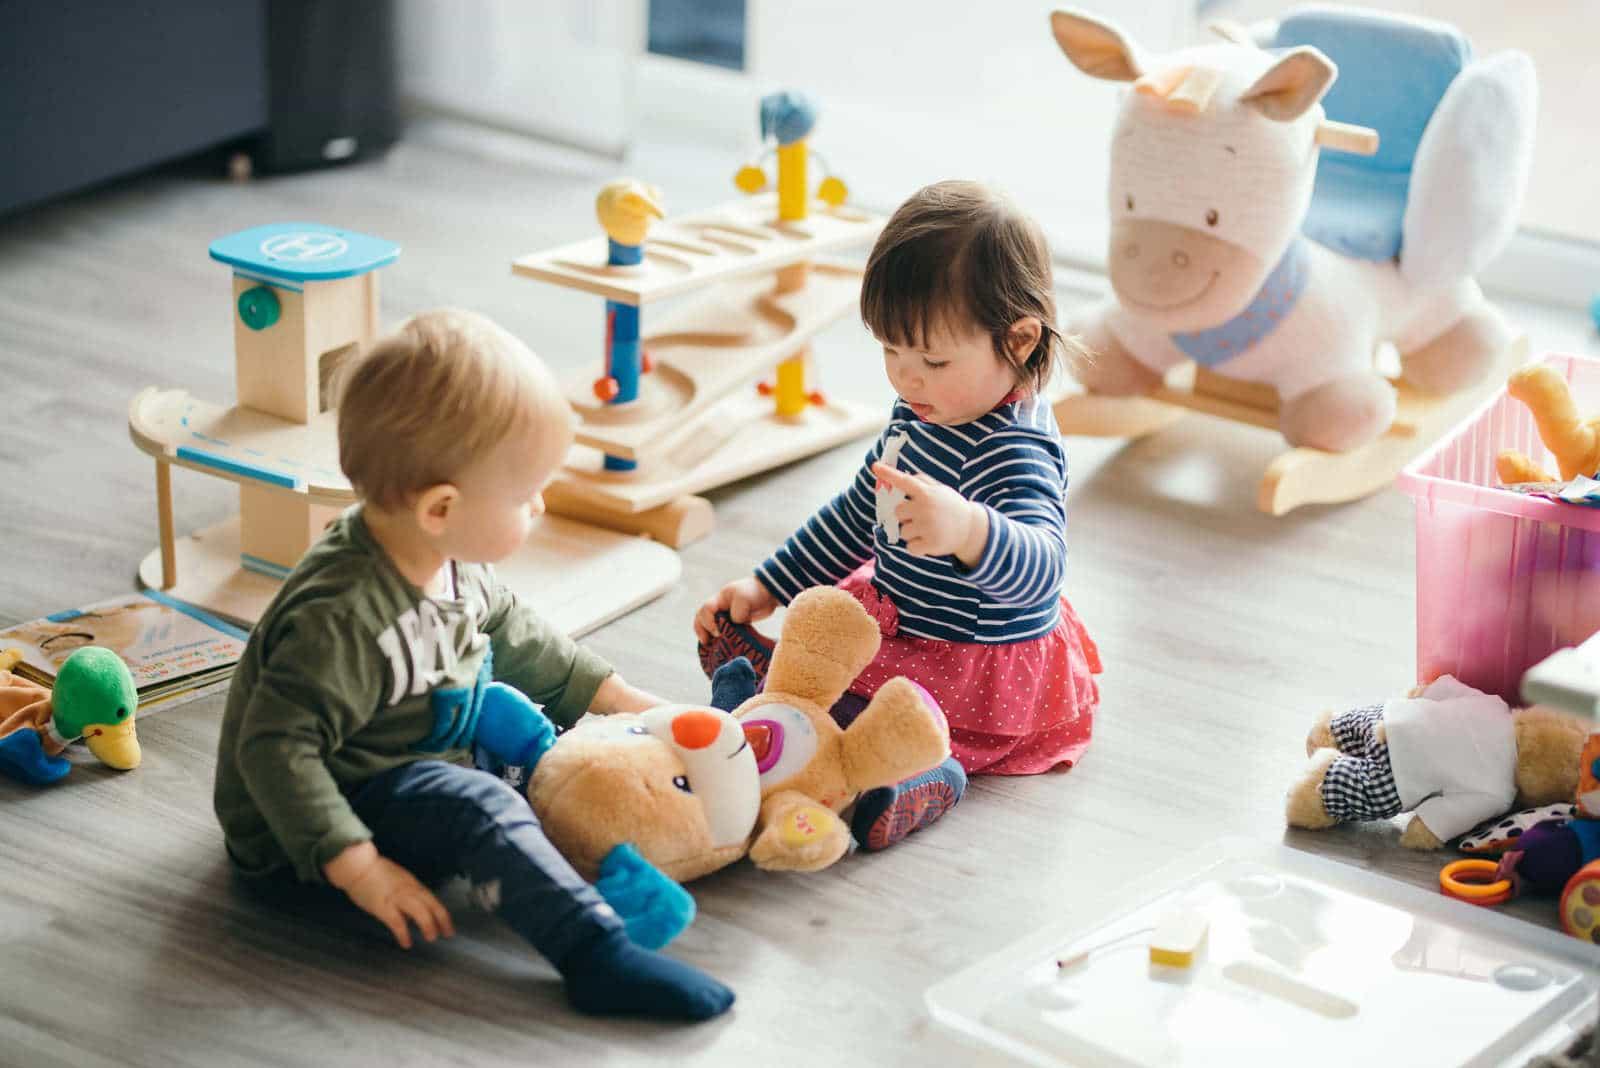 ouvrir une agence de garde d enfants en franchise quel r seau choisir. Black Bedroom Furniture Sets. Home Design Ideas